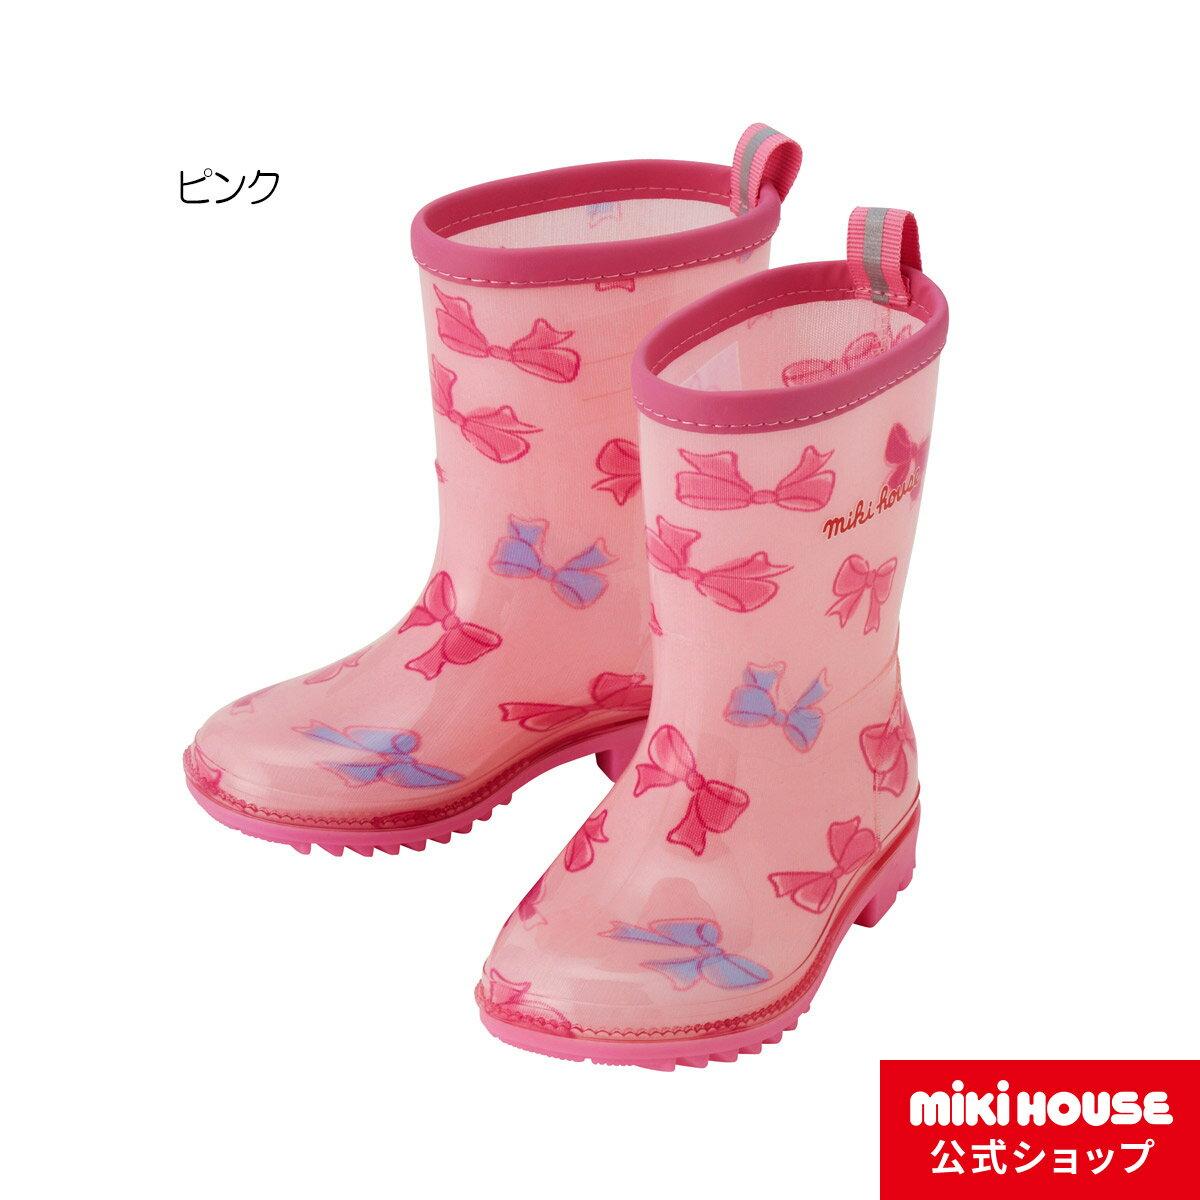 【全品10倍ポイント(9/21-9/26)】ミキハウス mikihouse リボンいっぱい♪レインブーツ(長靴)(15cm-21cm)